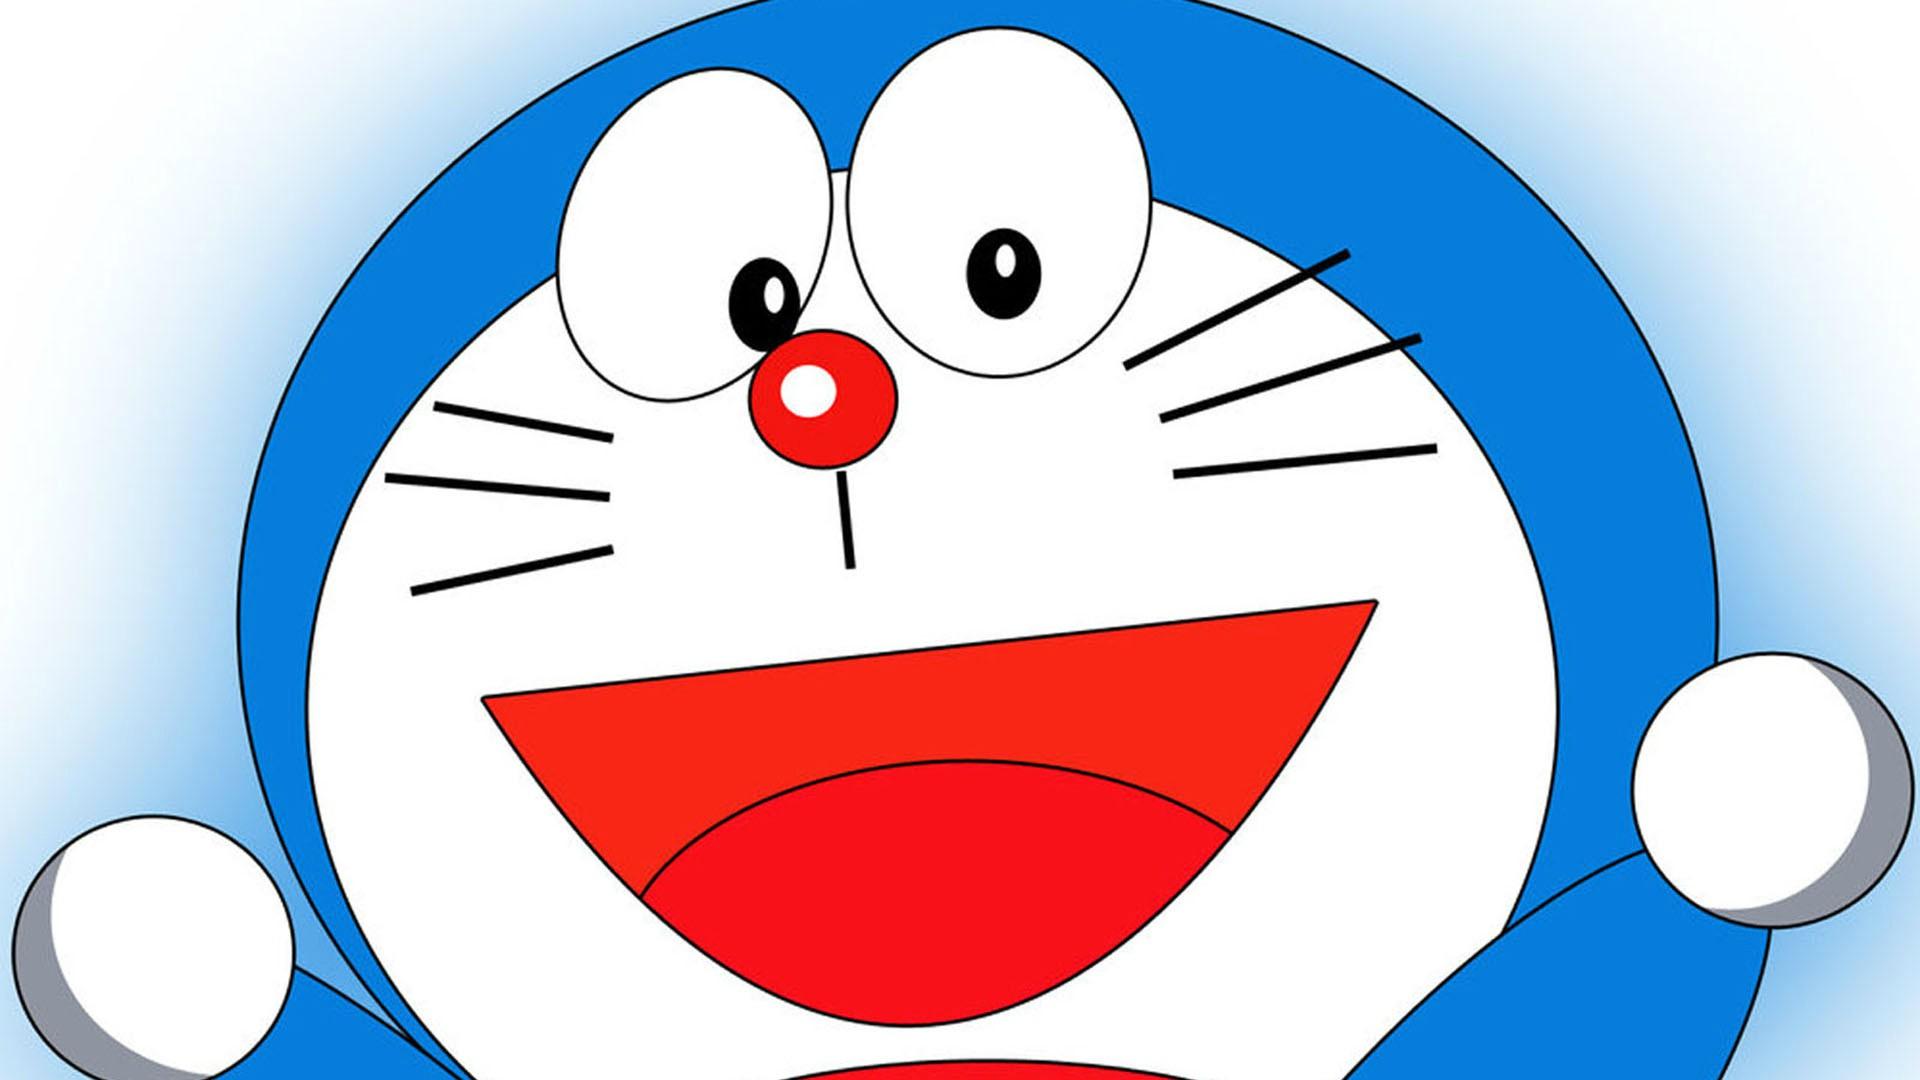 表情 哆啦A梦 伴我同行 唯美电脑桌面壁纸 手机壁纸下载 美桌网 表情图片